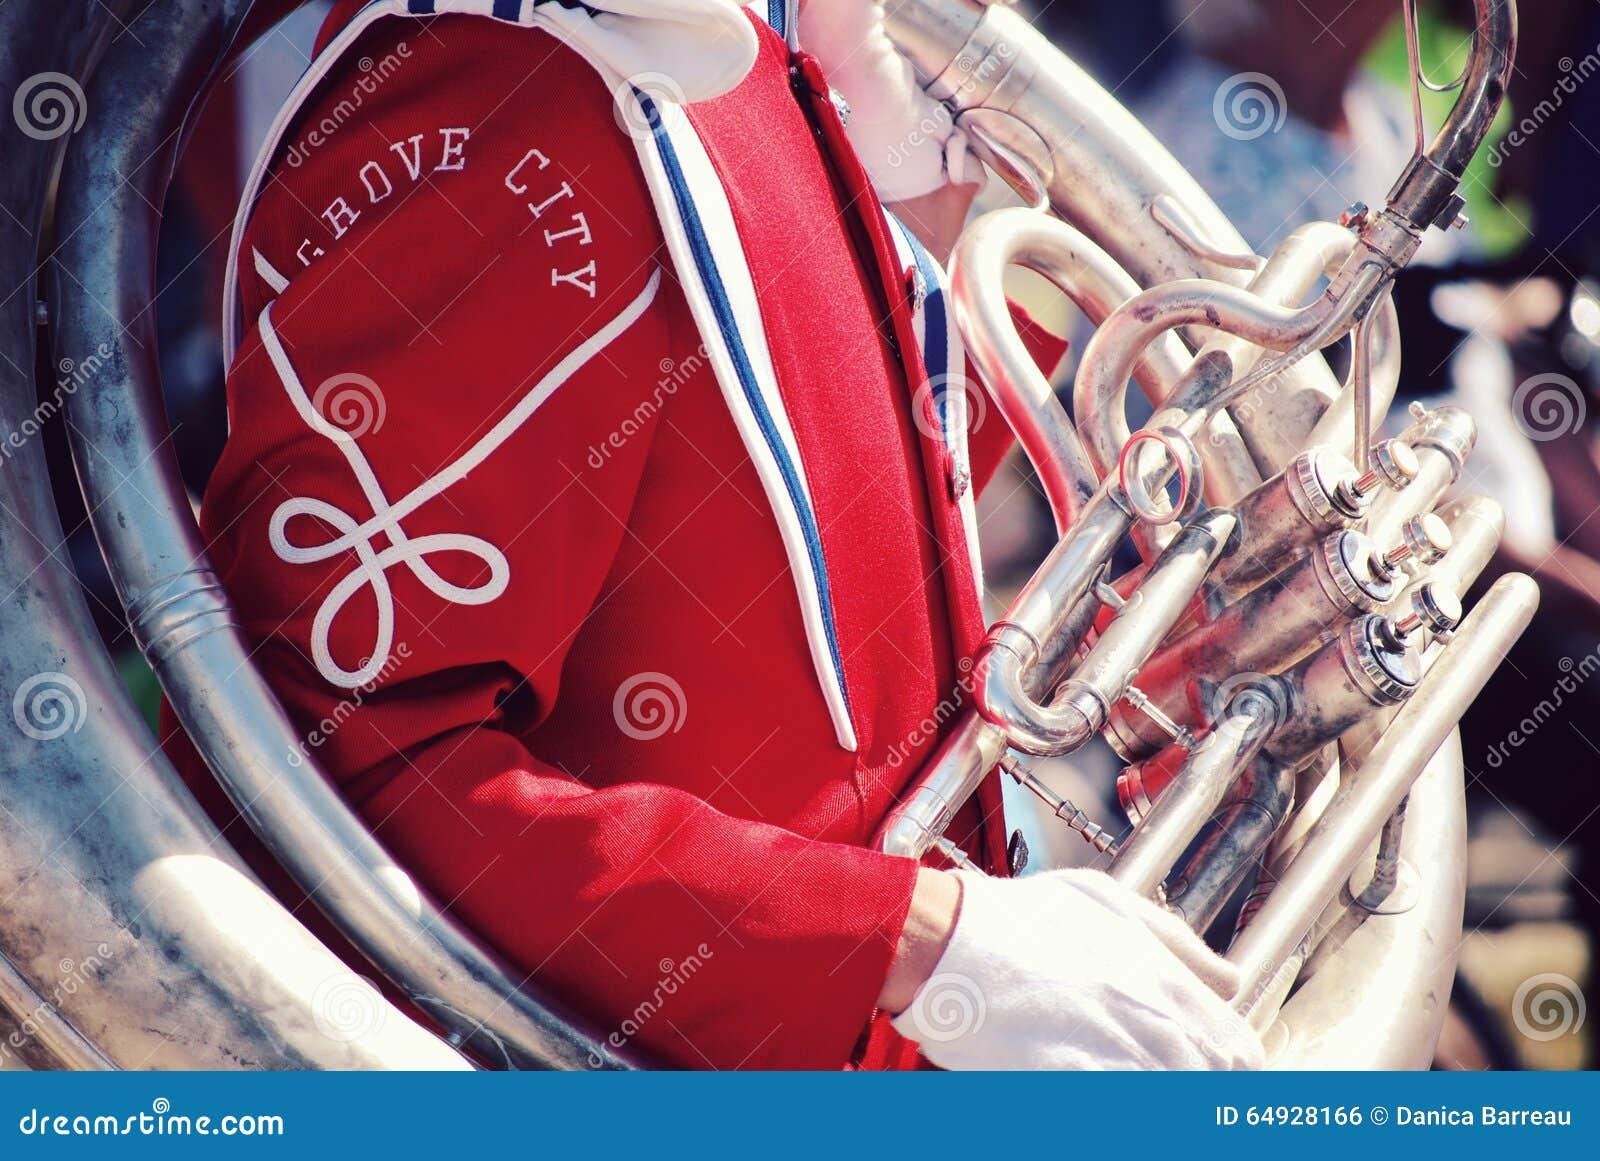 Tuba gracz